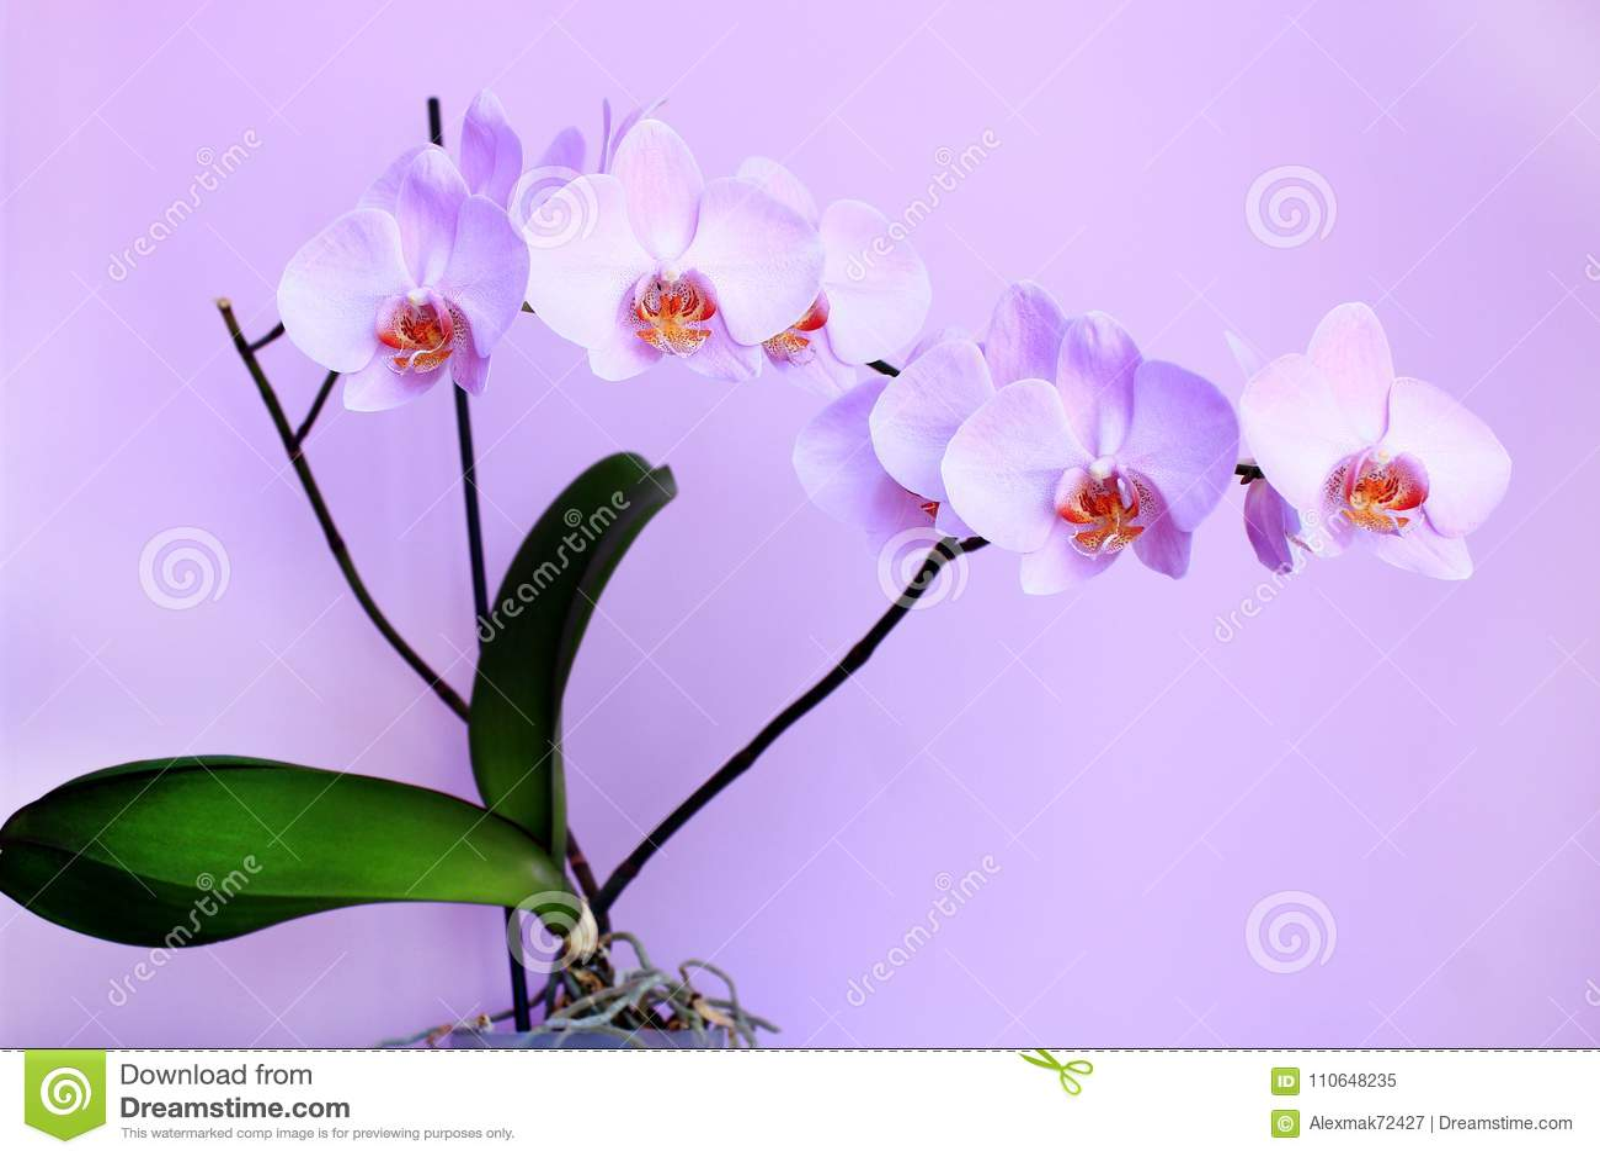 Orchidee Rose Branche De Fleur Decorative De Floraison Image Stock